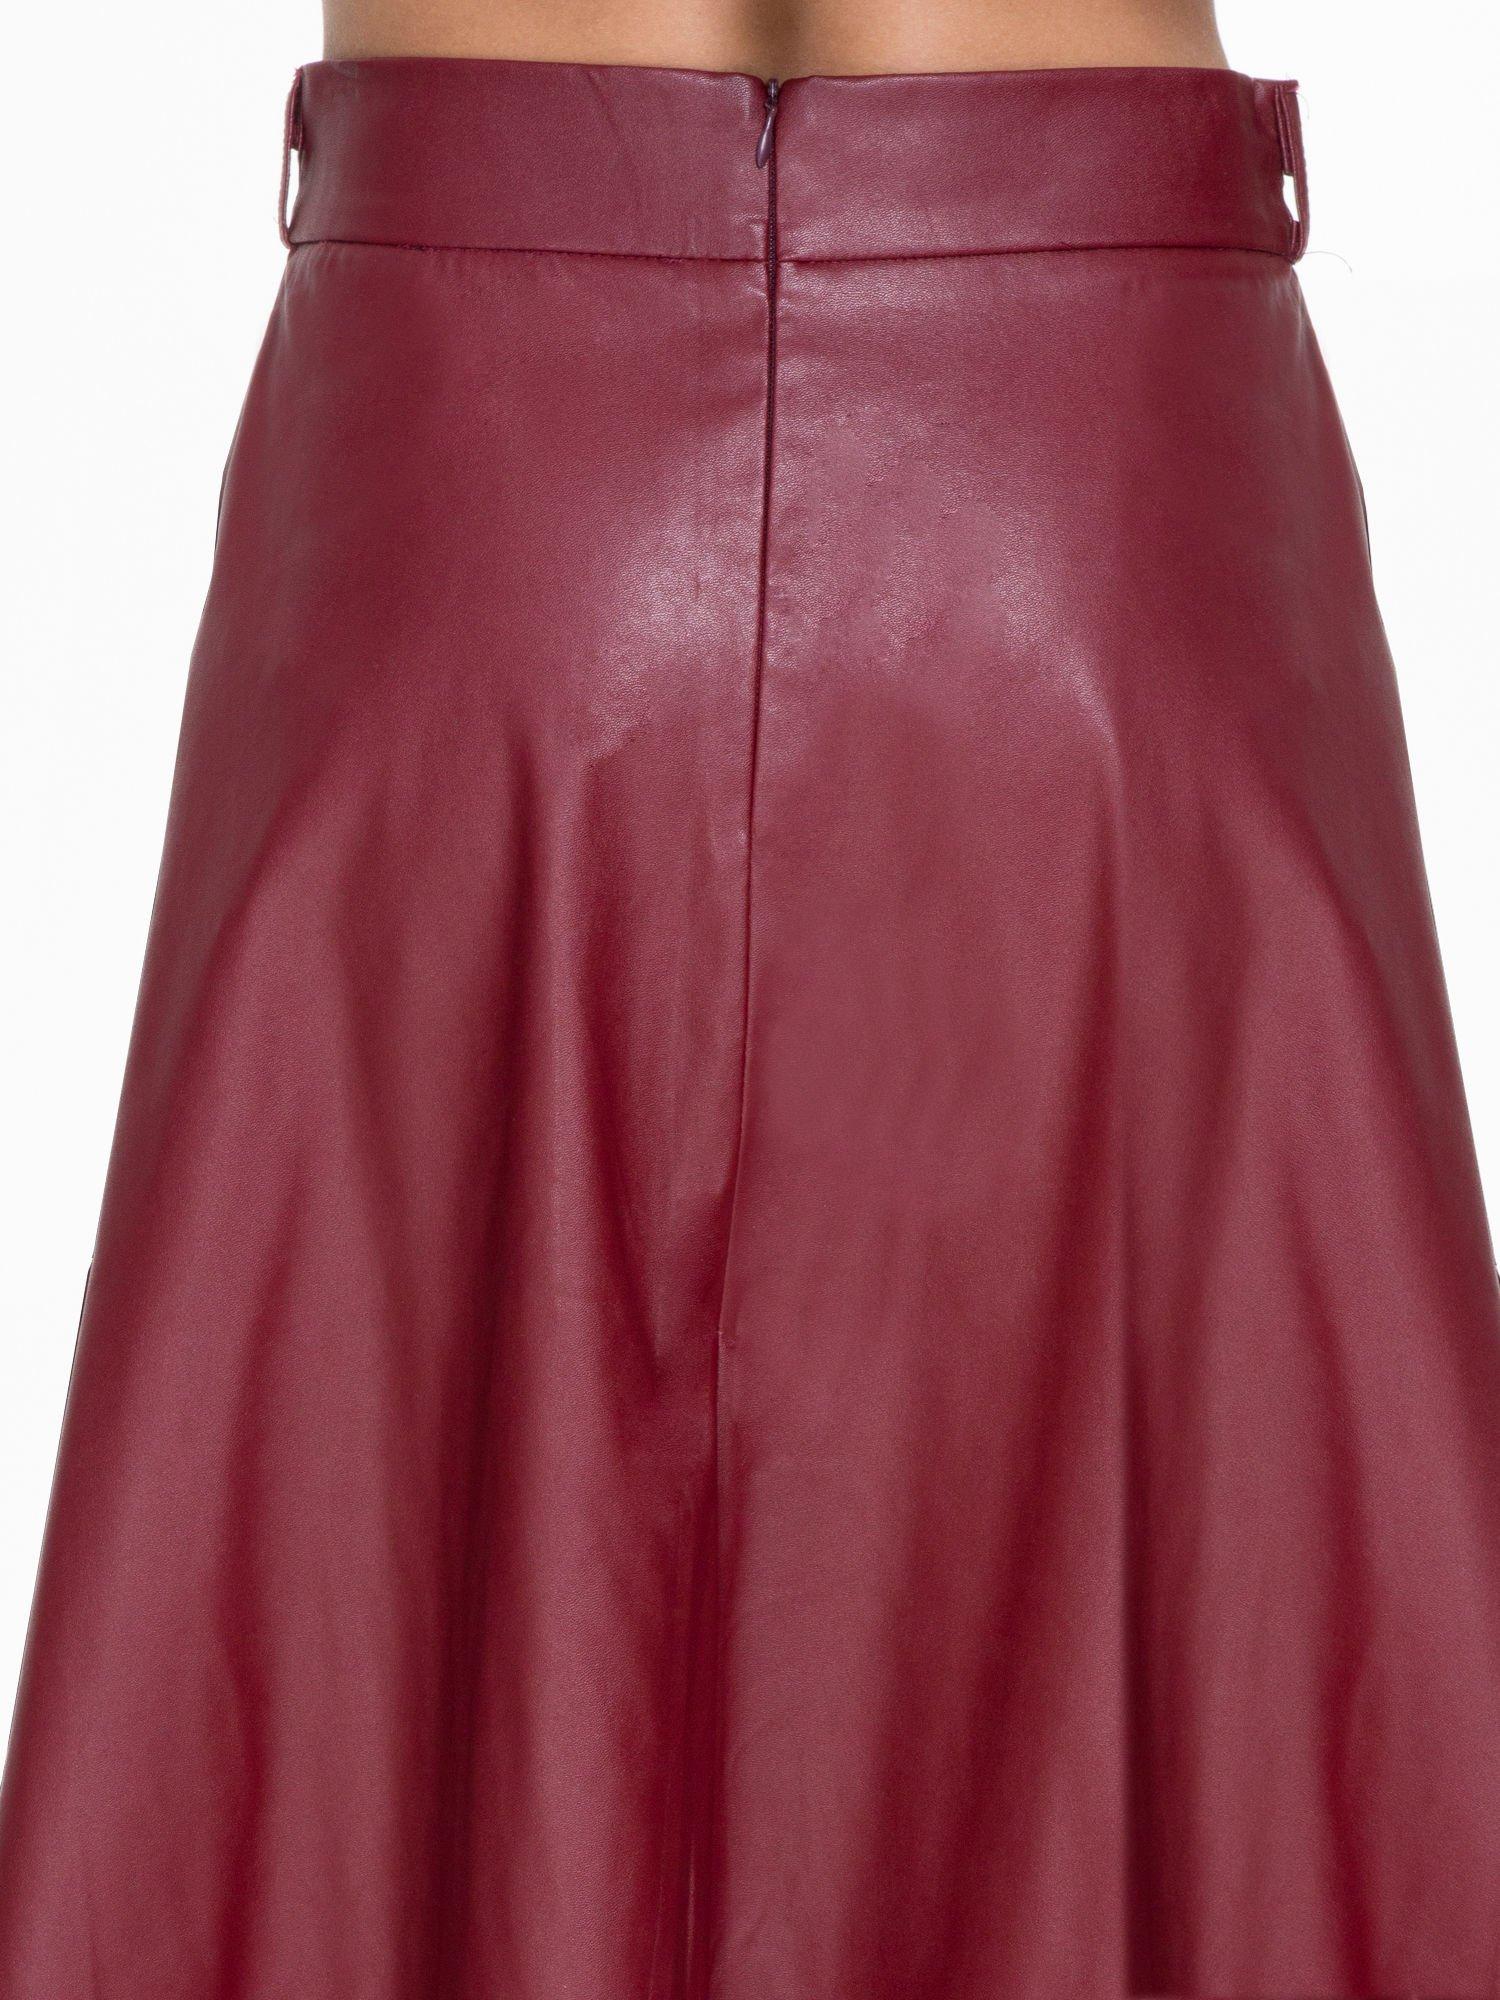 Bordowa skórzana spódnica midi szyta z półkola                                  zdj.                                  6